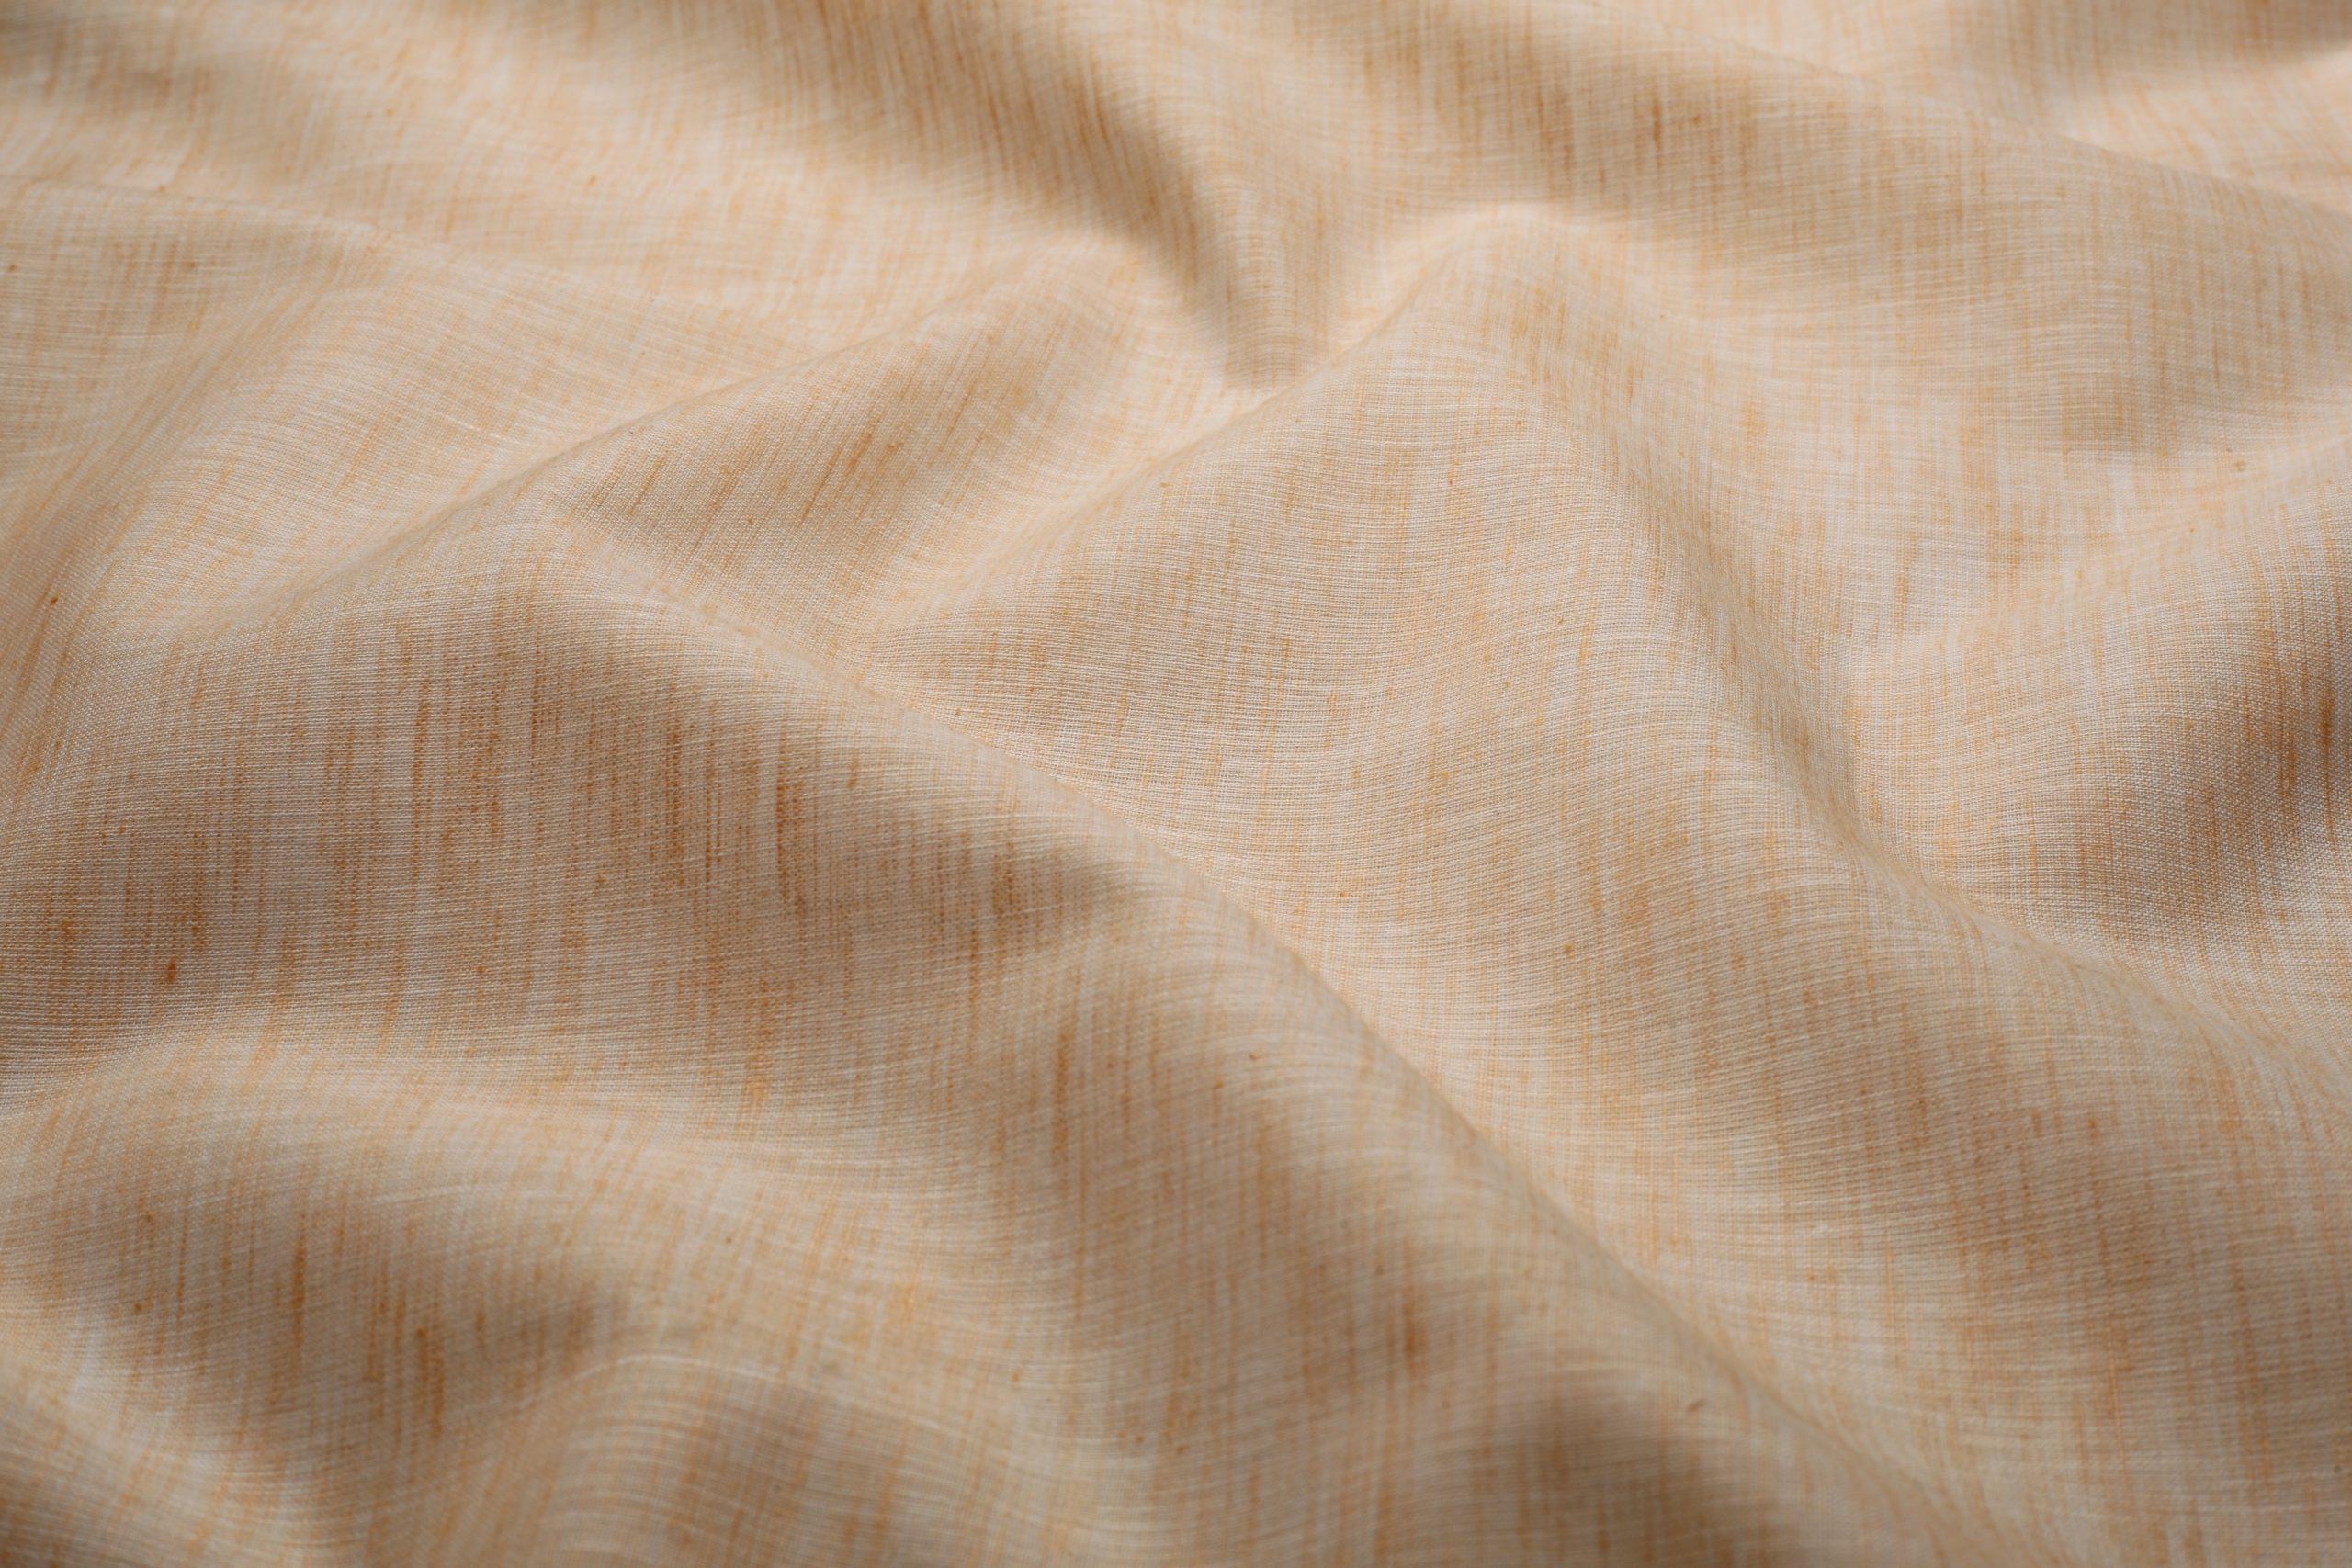 linen look shirt fabric